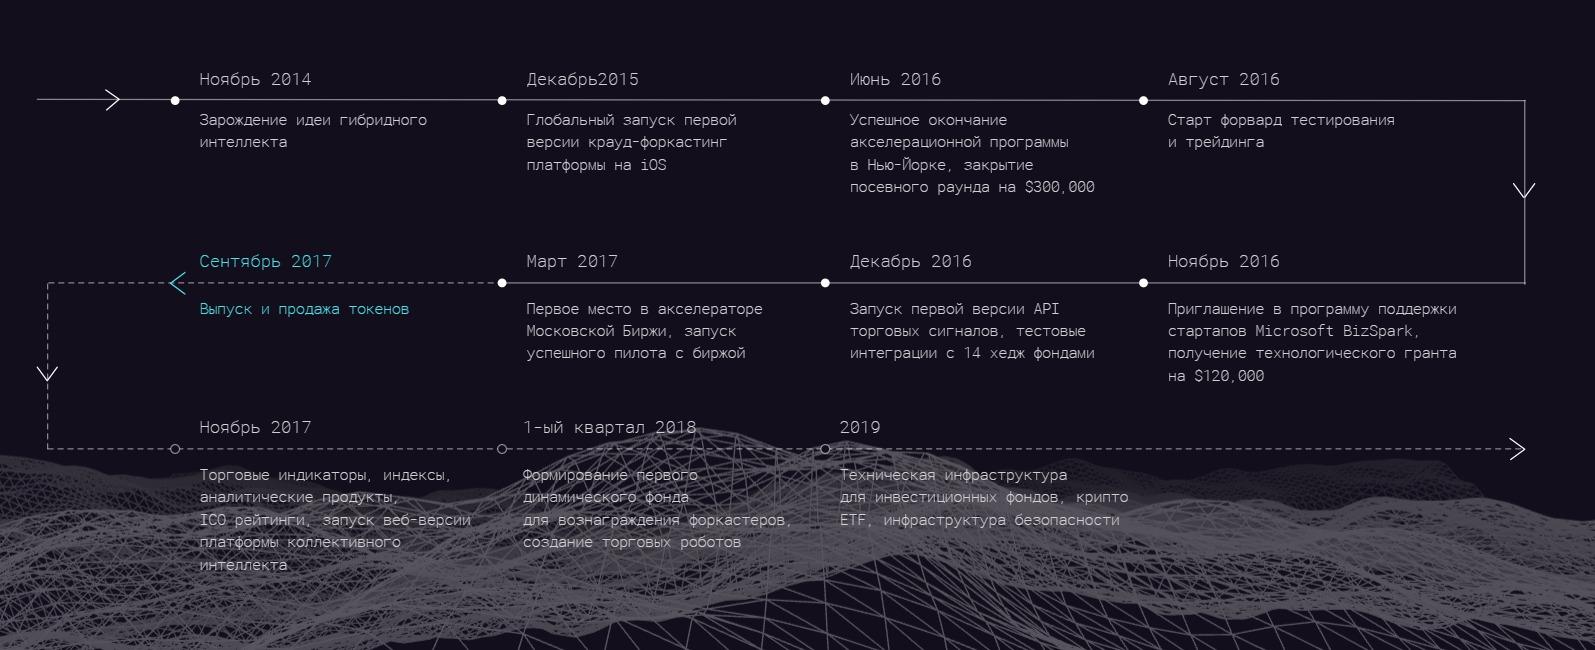 Проект Cindicator и криптовалюта CND: предсказания на основе индекса толпы и ИИ